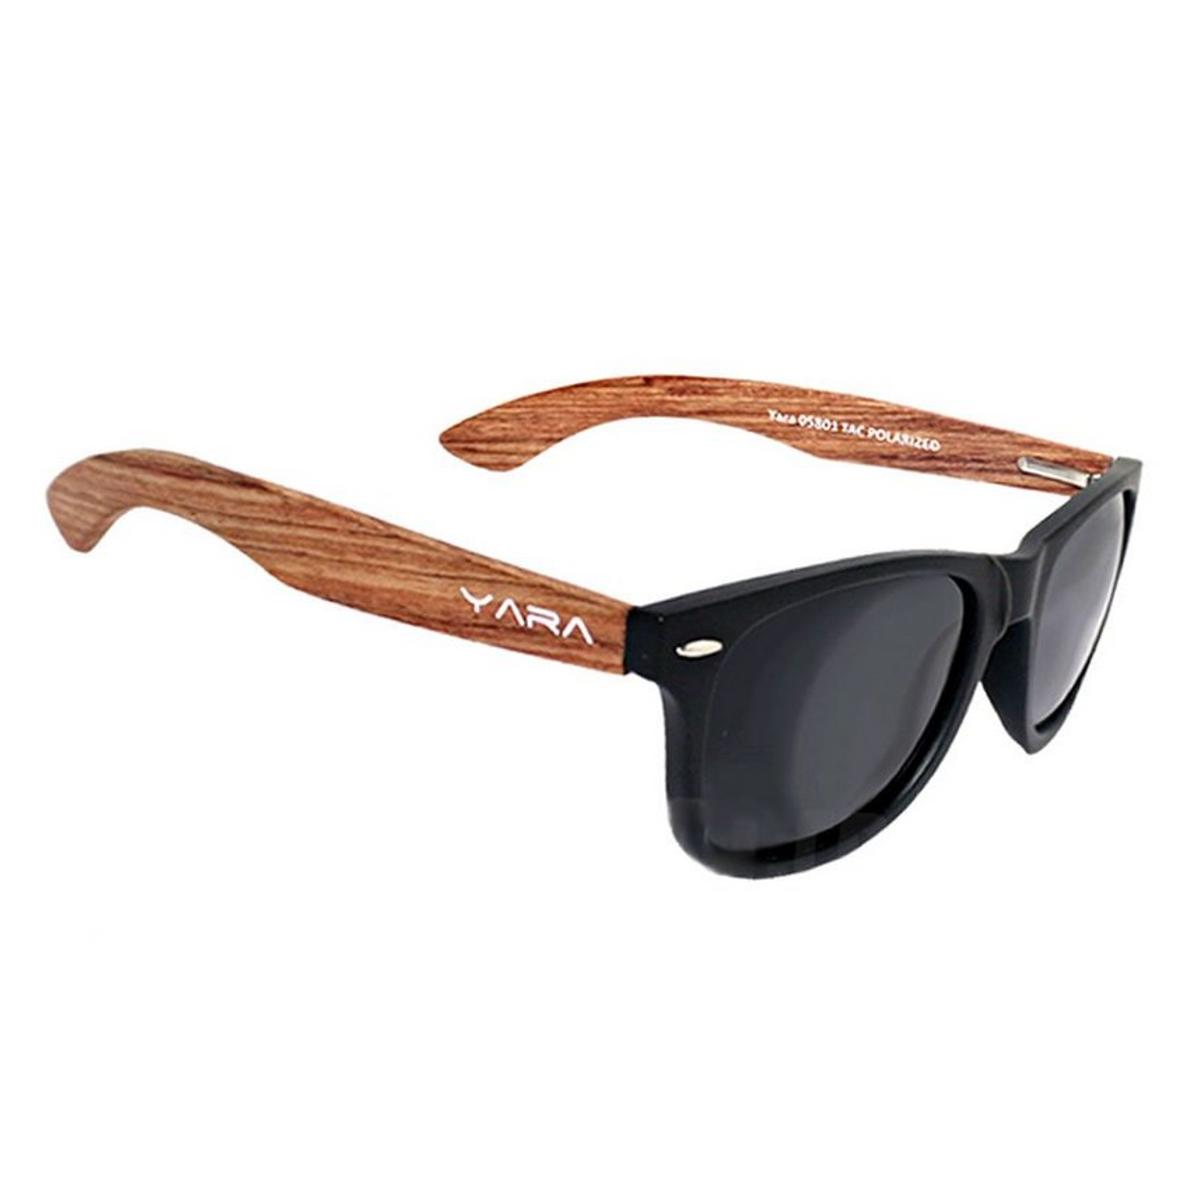 Óculos de Sol Polarizado Yara Dark Vision 09821 Wood - Lente Smoke